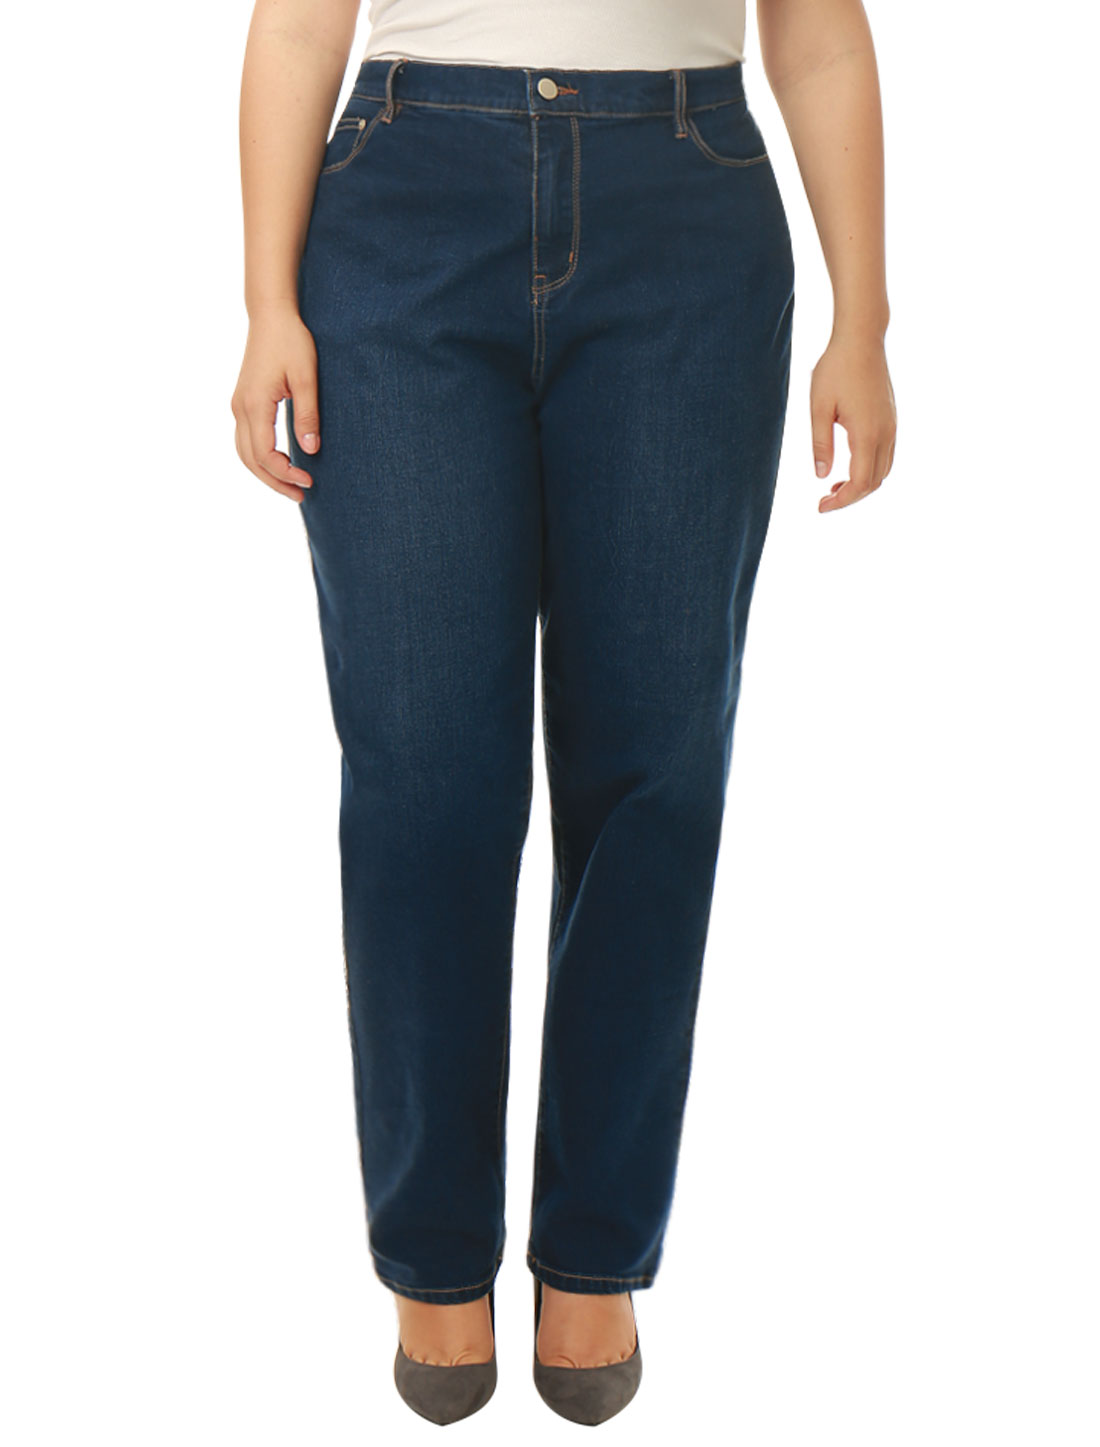 Unique Bargains Women's Plus Size Mid Rise Stretch Straight Leg Jeans